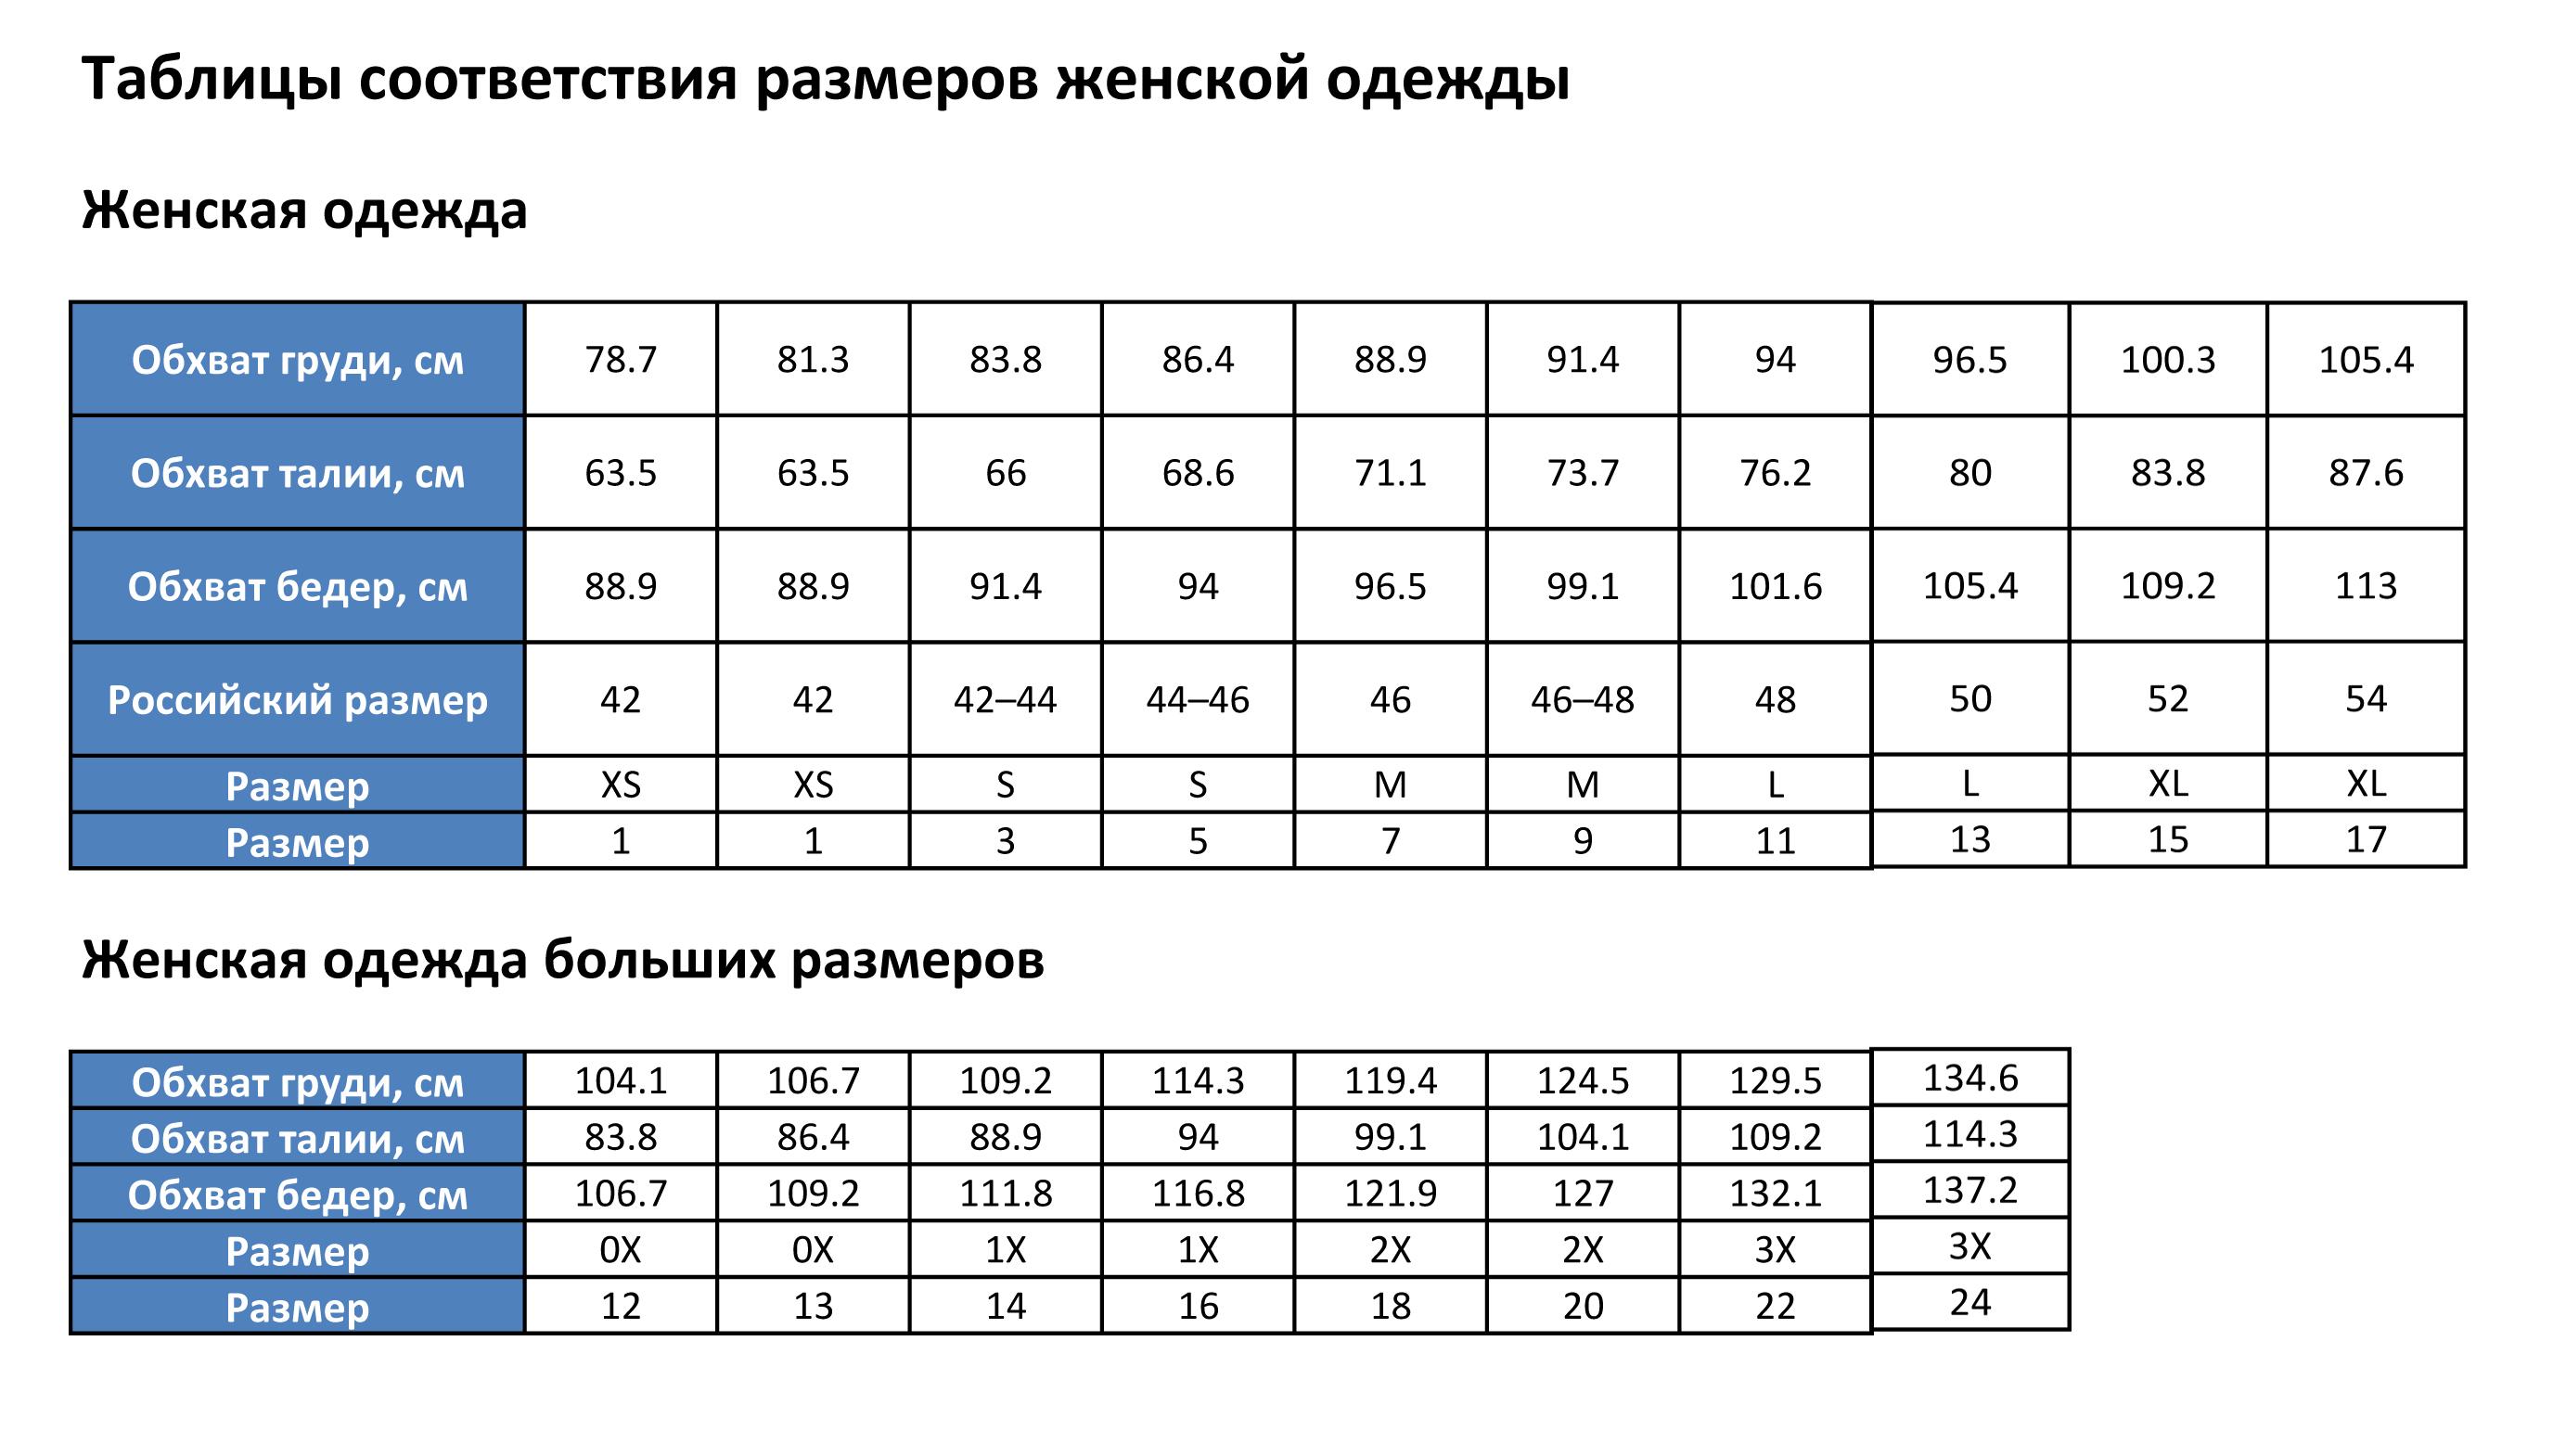 Таблица Женской Одежды